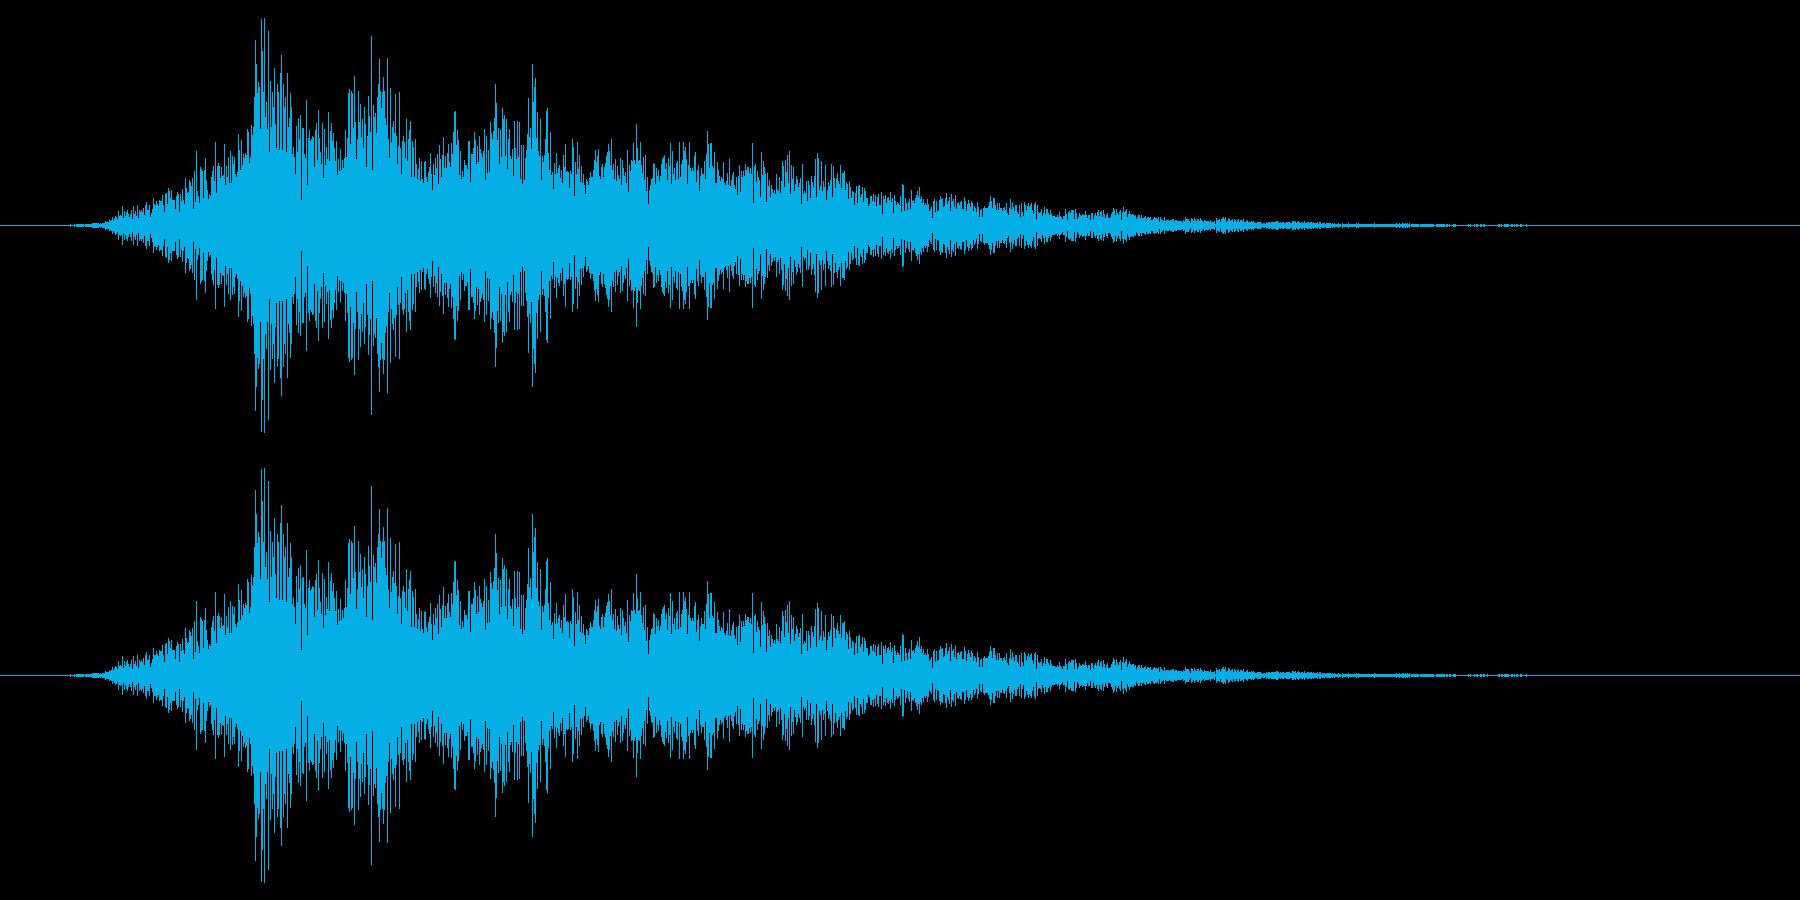 筒状の物を通過するイメージの再生済みの波形